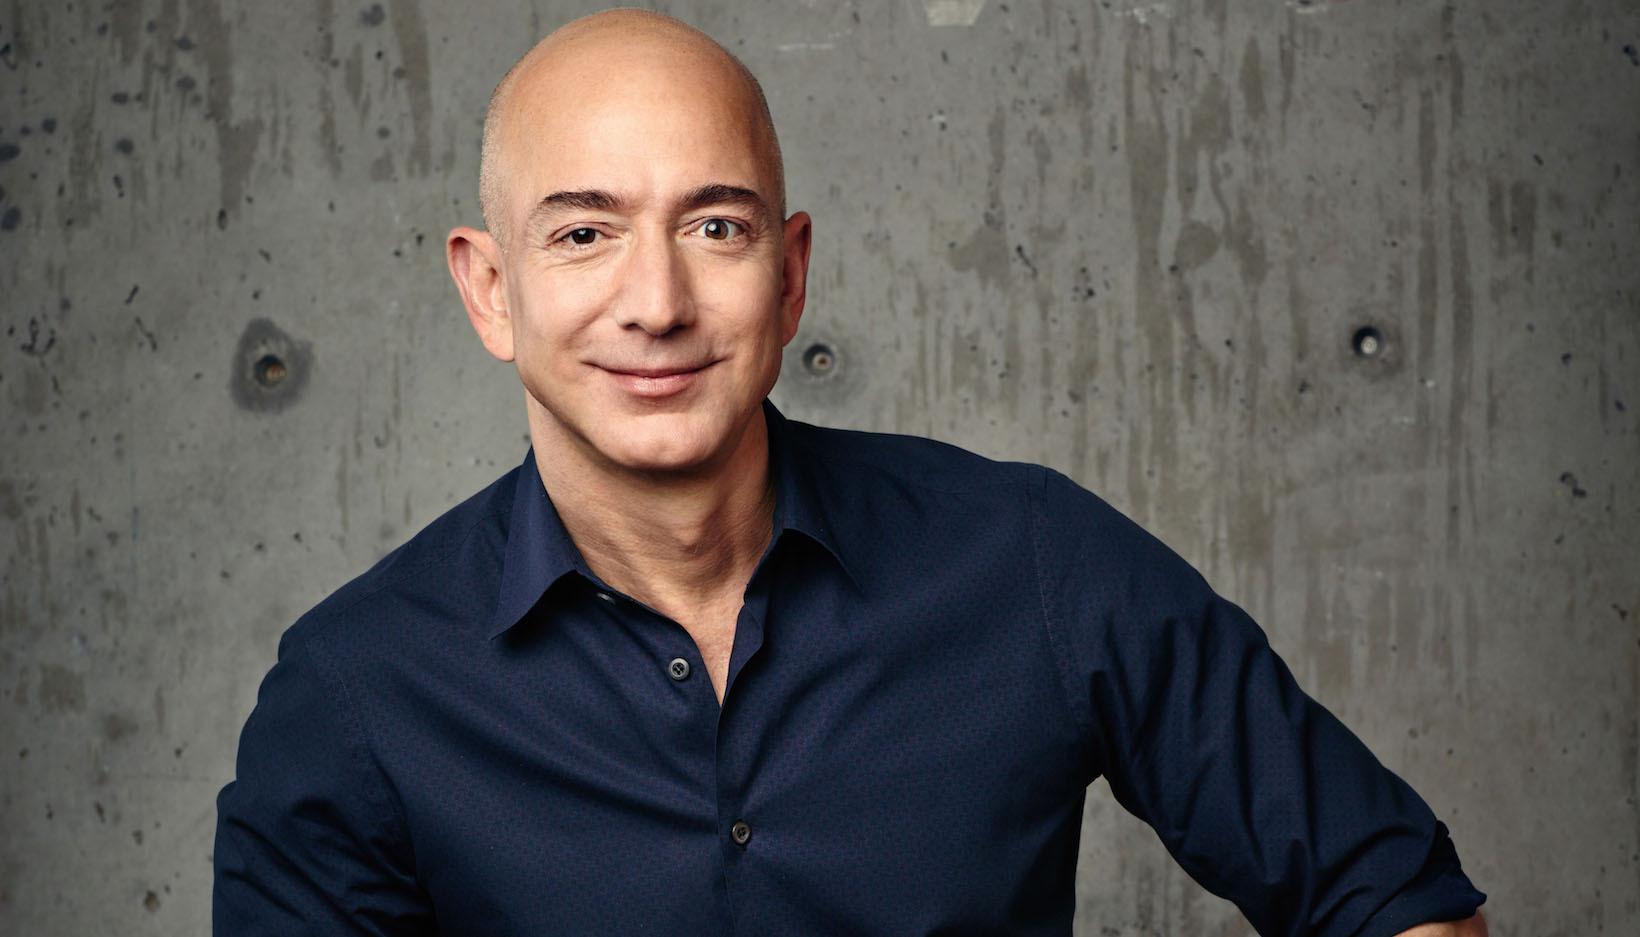 Funf Jeff Bezos Zitate Fur Unternehmer Und Erfinder